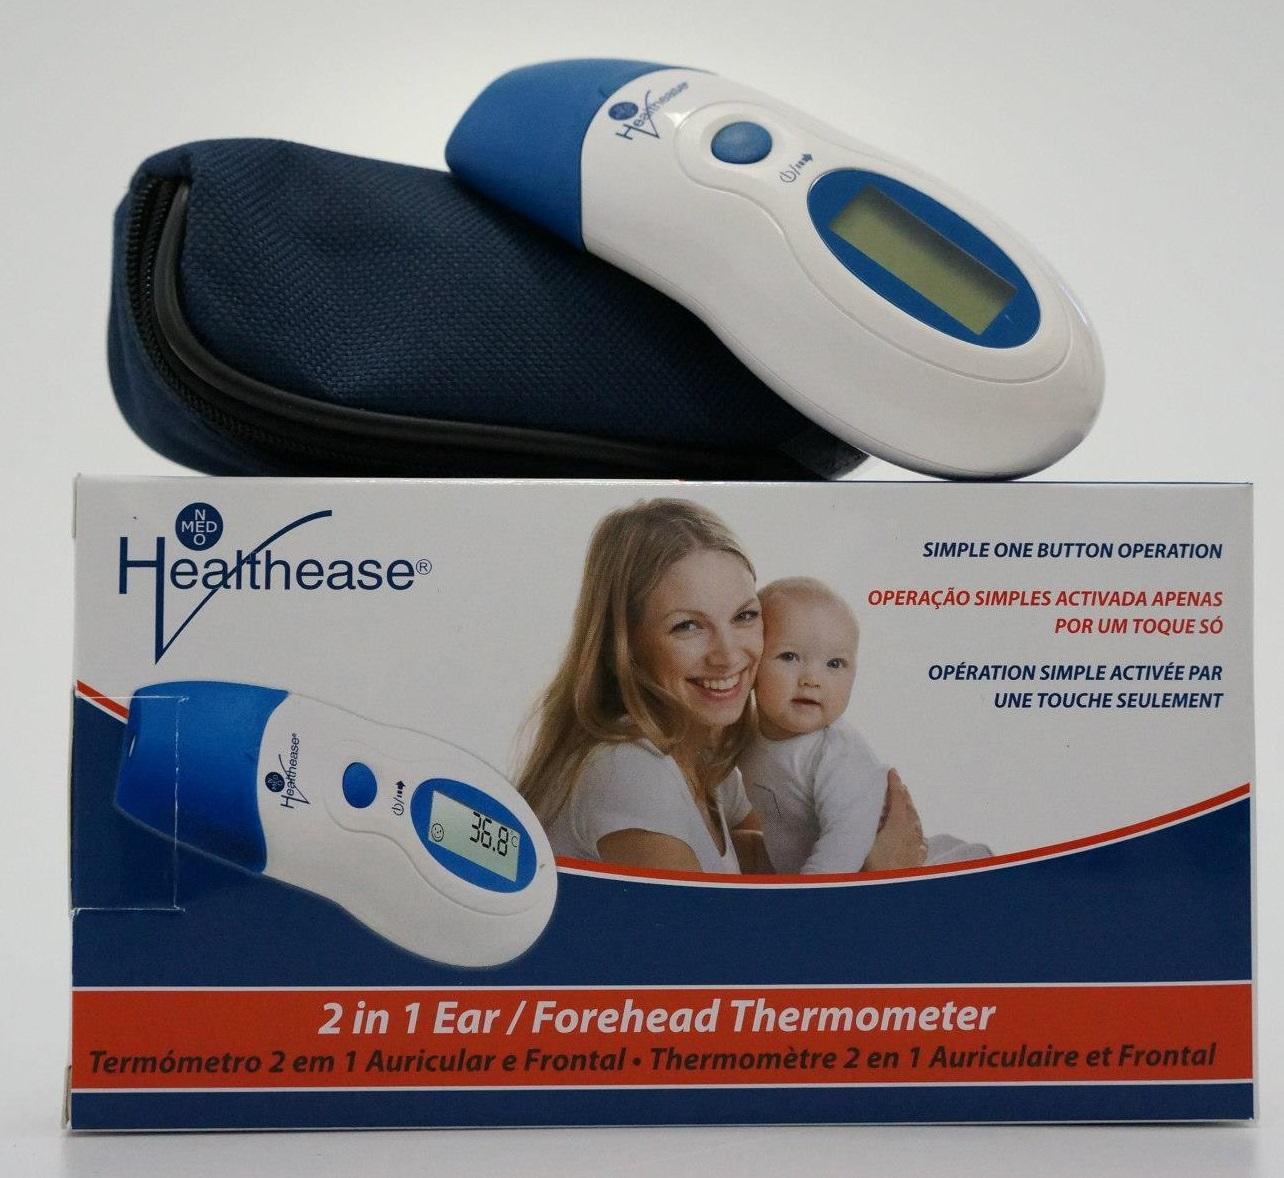 Healthease: Termómetro Digital de Infravermelhos 2 em 1 (Auricular e Frontal)